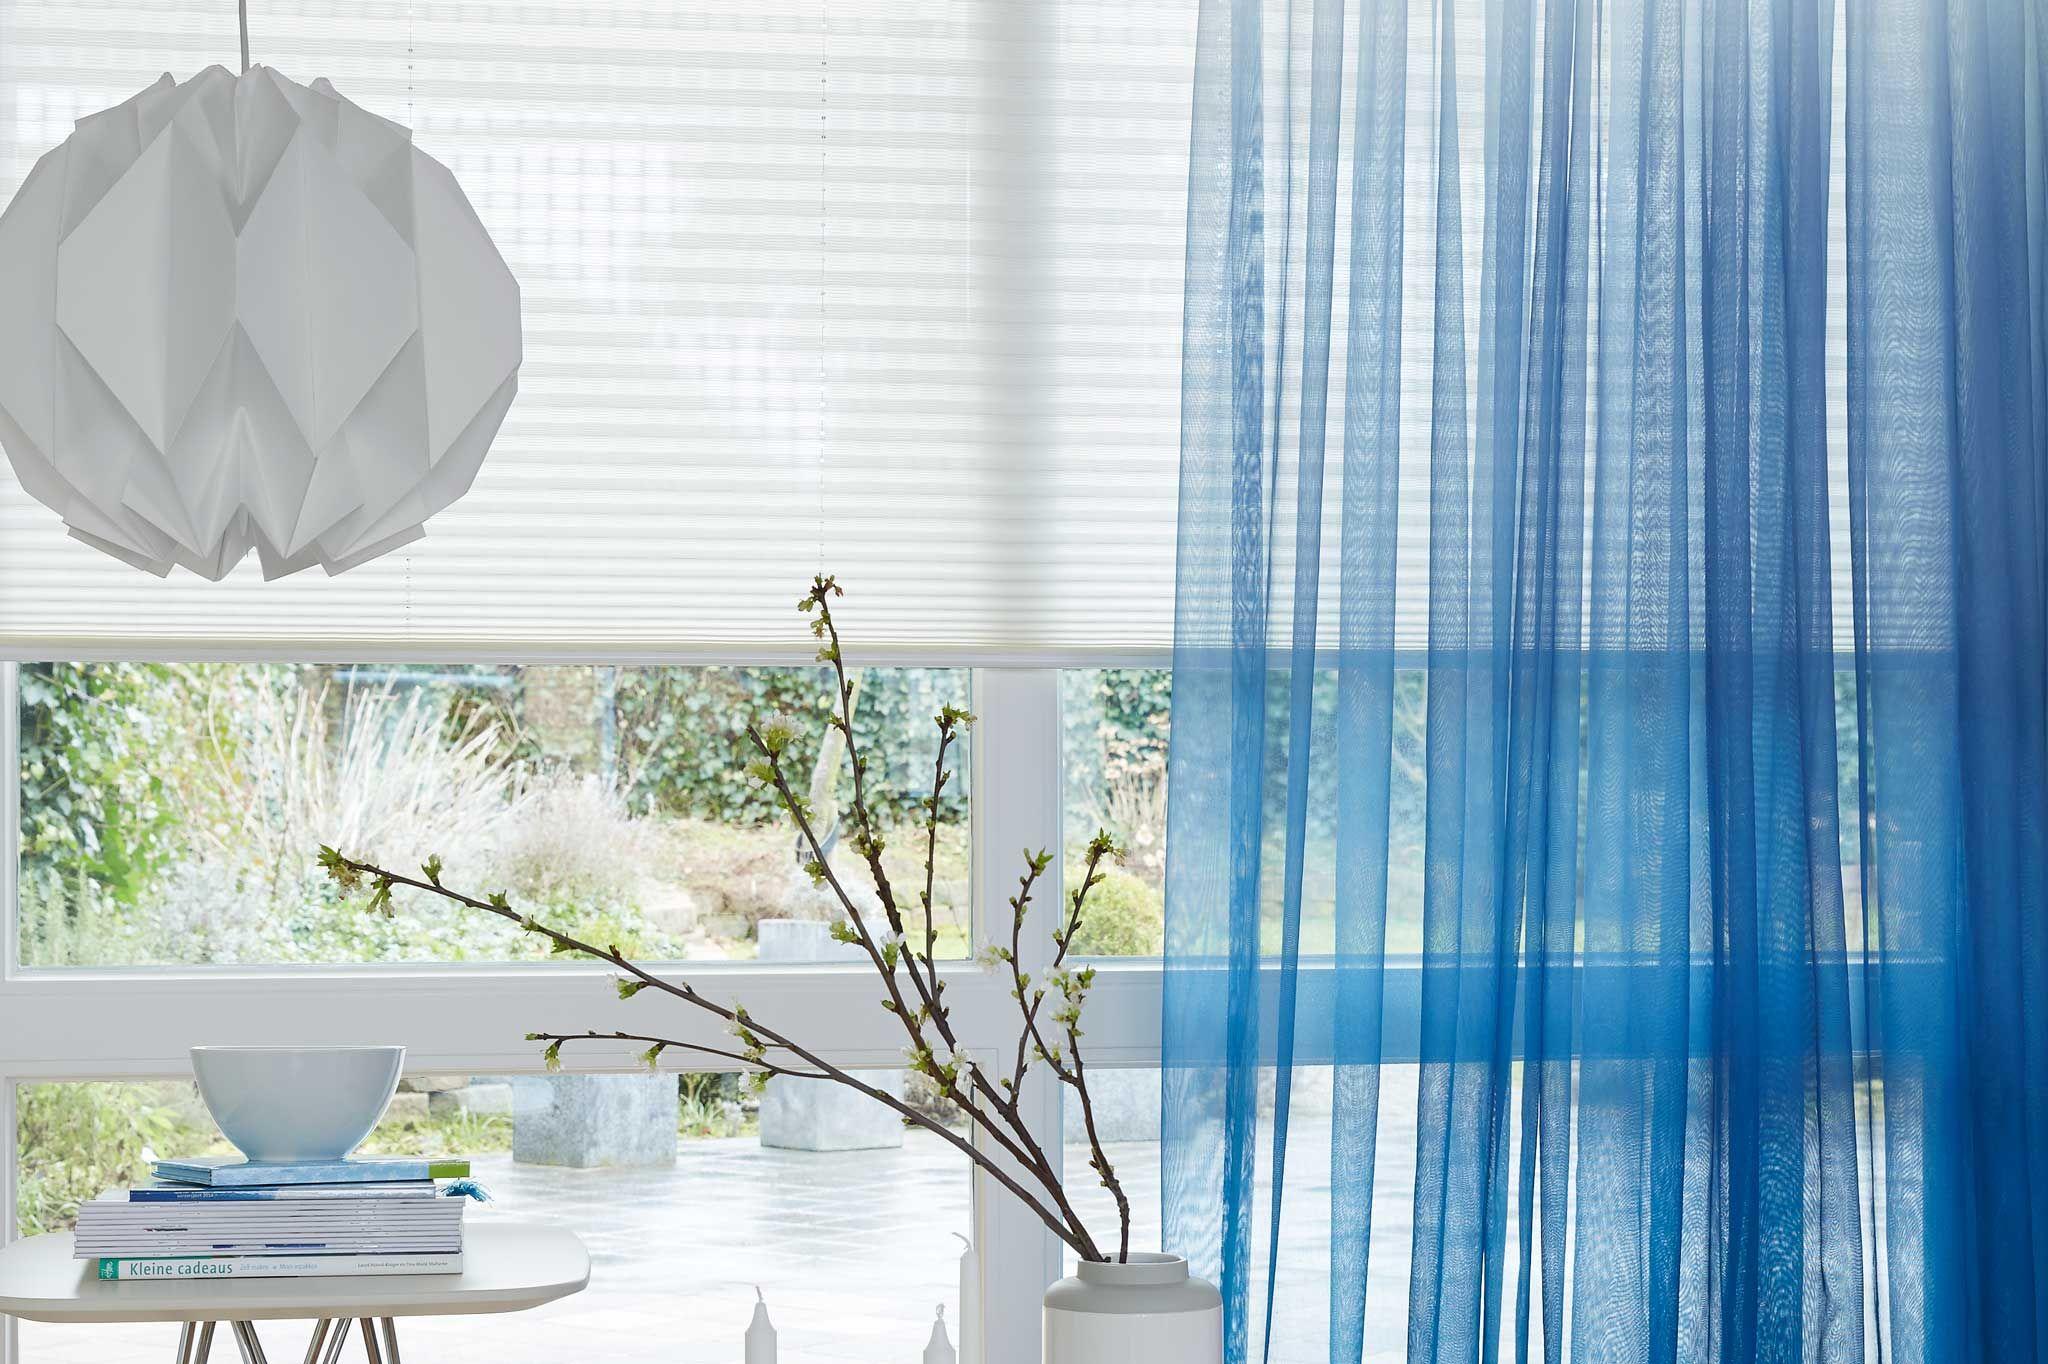 Blauwe inbetween #gordijnen van Toppoint. #blue #curtains | Mijn ...